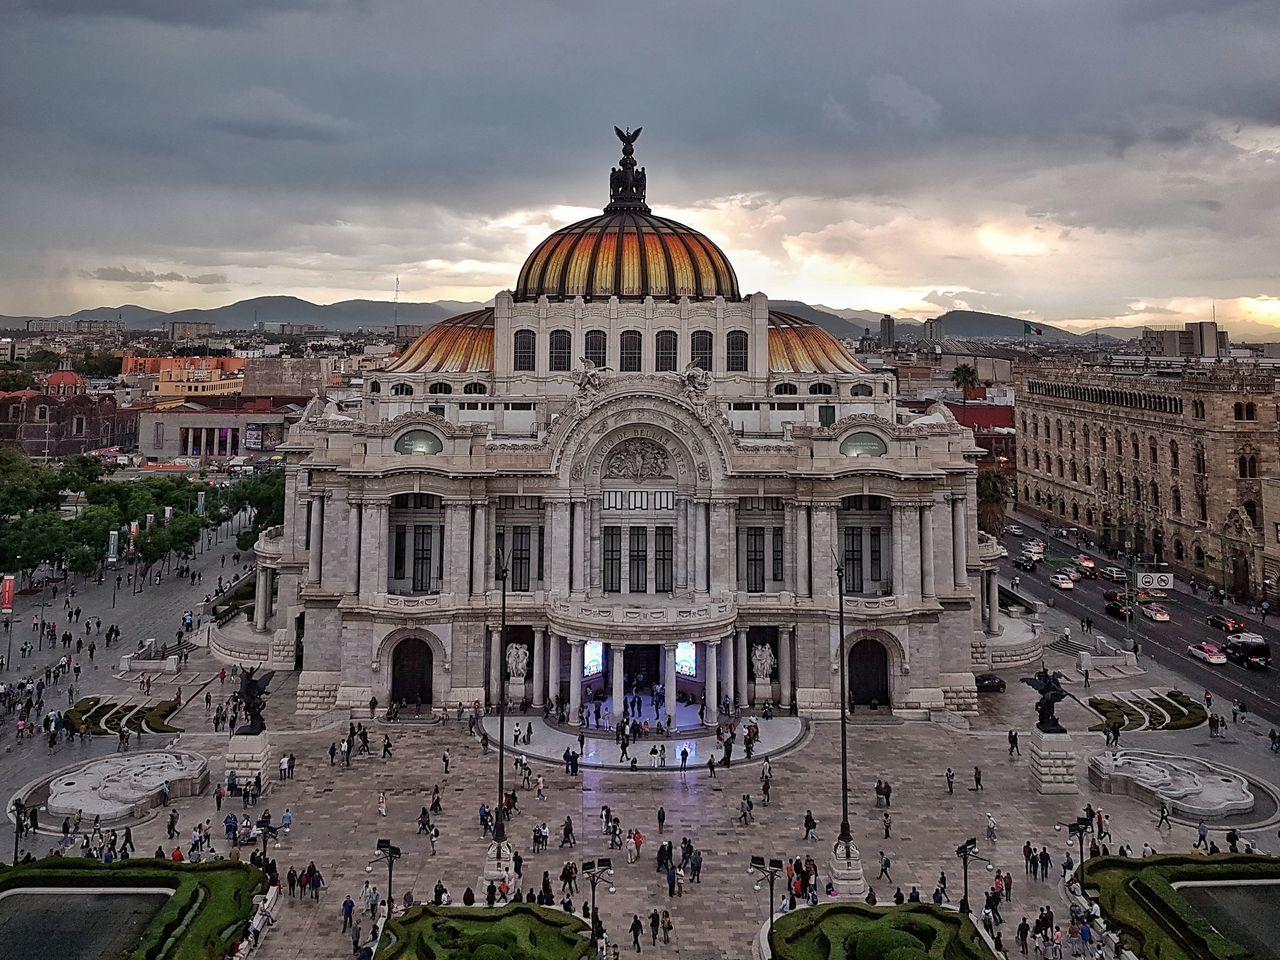 Palacio de Bellas Artes. Ciudad de Mexico, Mexico GalaxyS7Edge | 4.2mm equiv 26mm | 1/100 sec | f/1.7 | iso 64 Wanderlust Cdmx